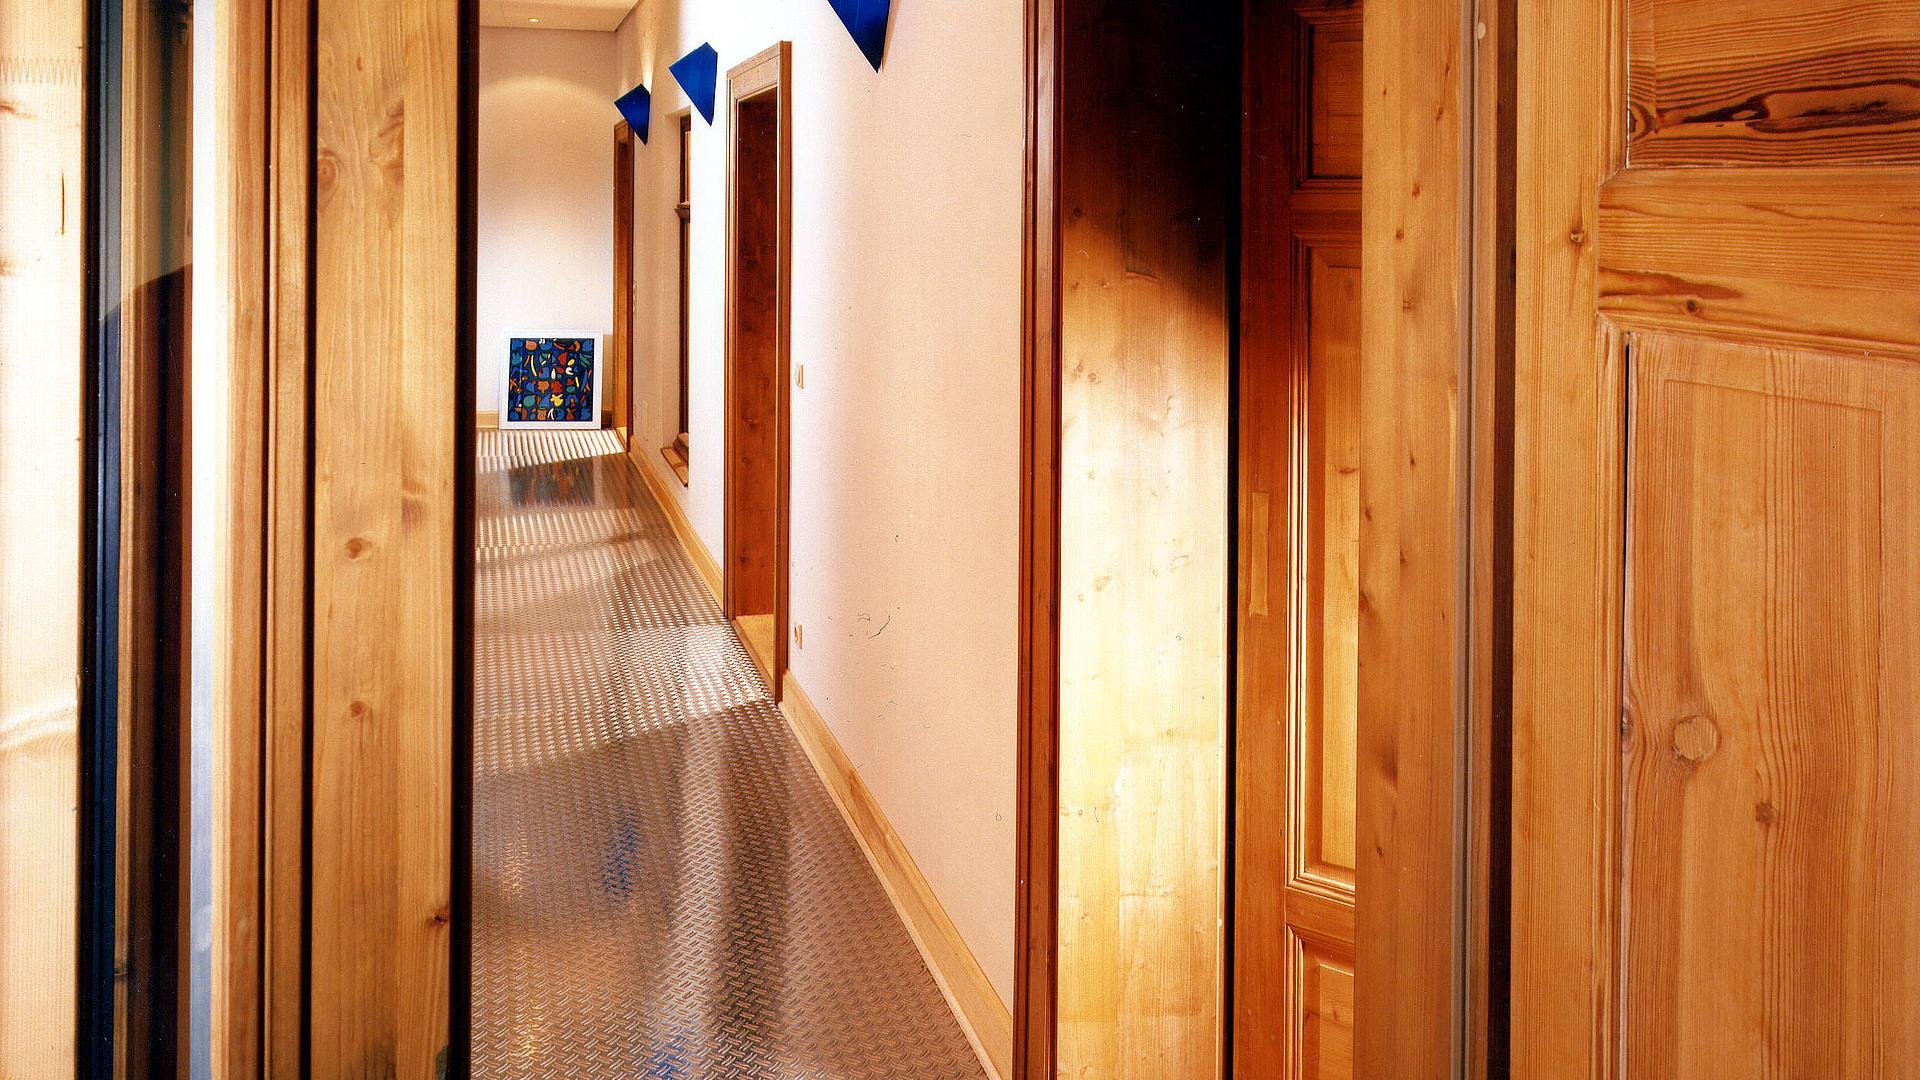 restaurierung umbau und sanierung historischer architektur. Black Bedroom Furniture Sets. Home Design Ideas